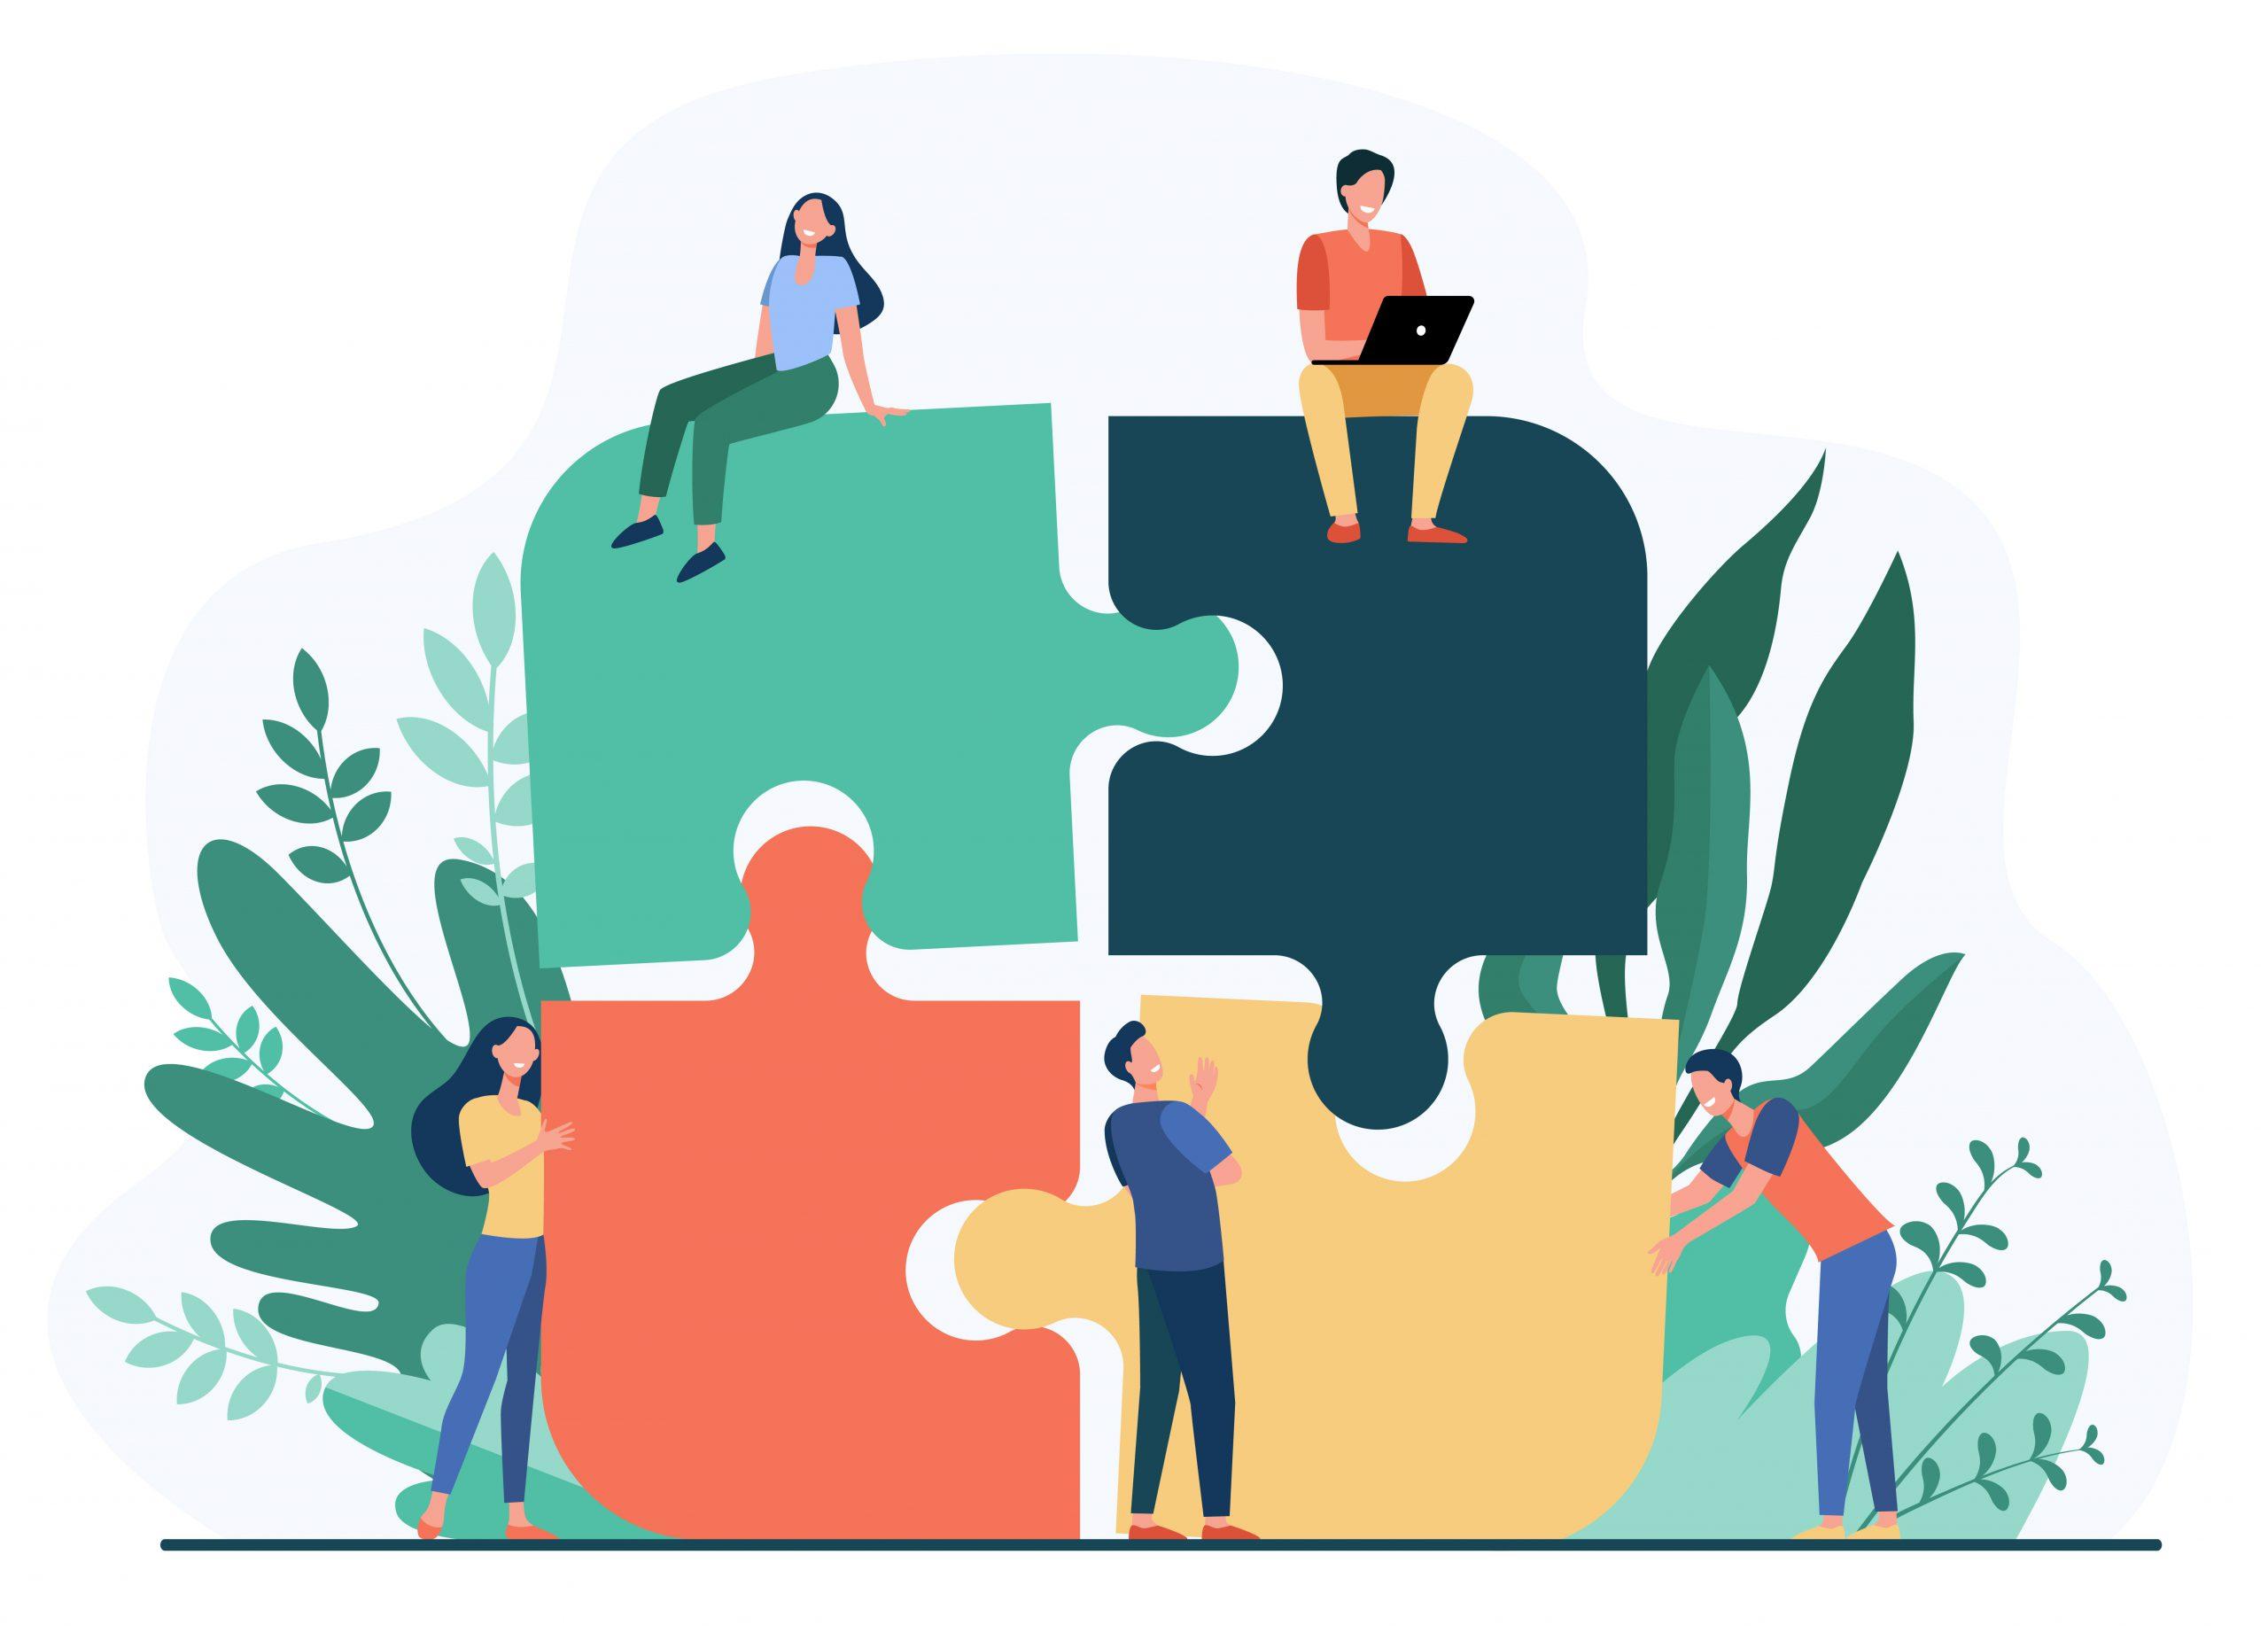 Équipe de travail assemblant un puzzle. Concept de travail d'équipe, de partenariat et de coopération.